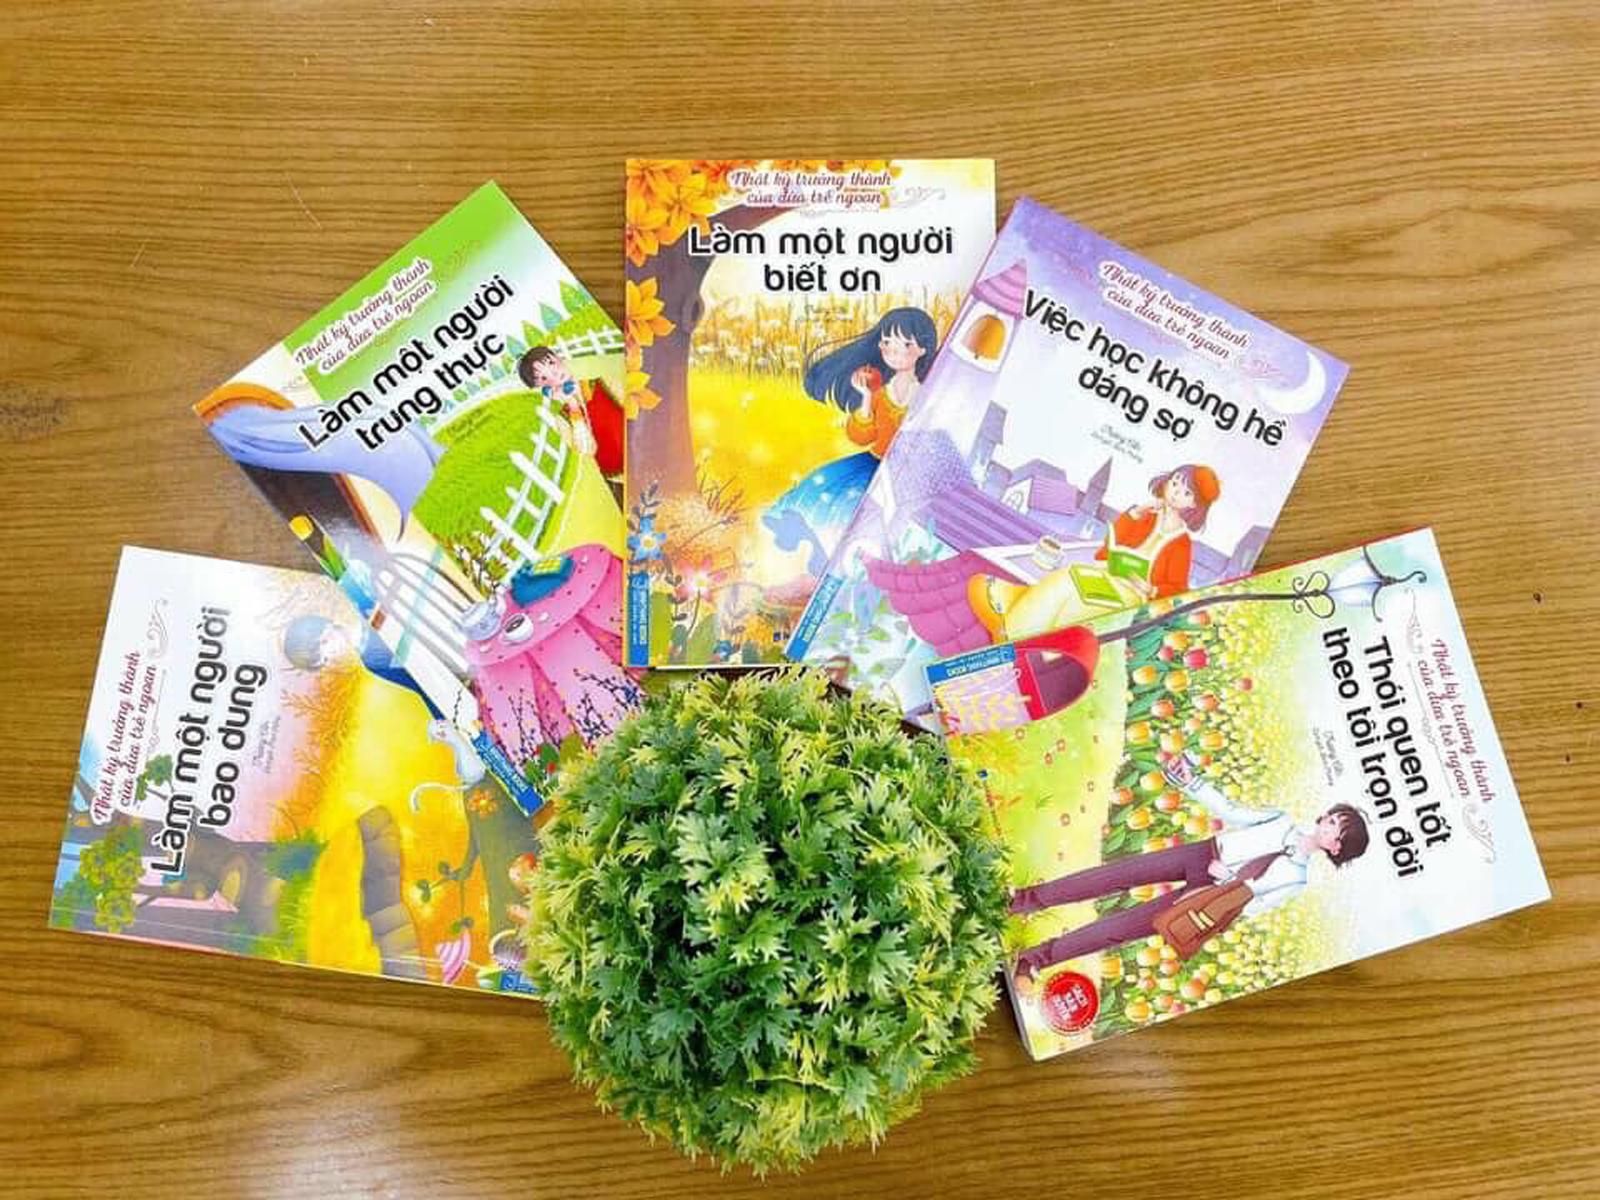 Có thể bạn chưa biết: Giới thiệu sách Nhật Ký Trưởng Thành Của Đứa Trẻ Ngoan Xp_I7qb80RlSKvGOf0o-IBF87sBDkd0as5x4xuN6ult1VGUdAd4rc4wL8CeRbNH17nSCFYULzkbnhLh9P6H6bBTqK8xgSMHe2dyvsVvF6yyhtCD97ISqUsKDJdOXE2rg9Sp9wAJM